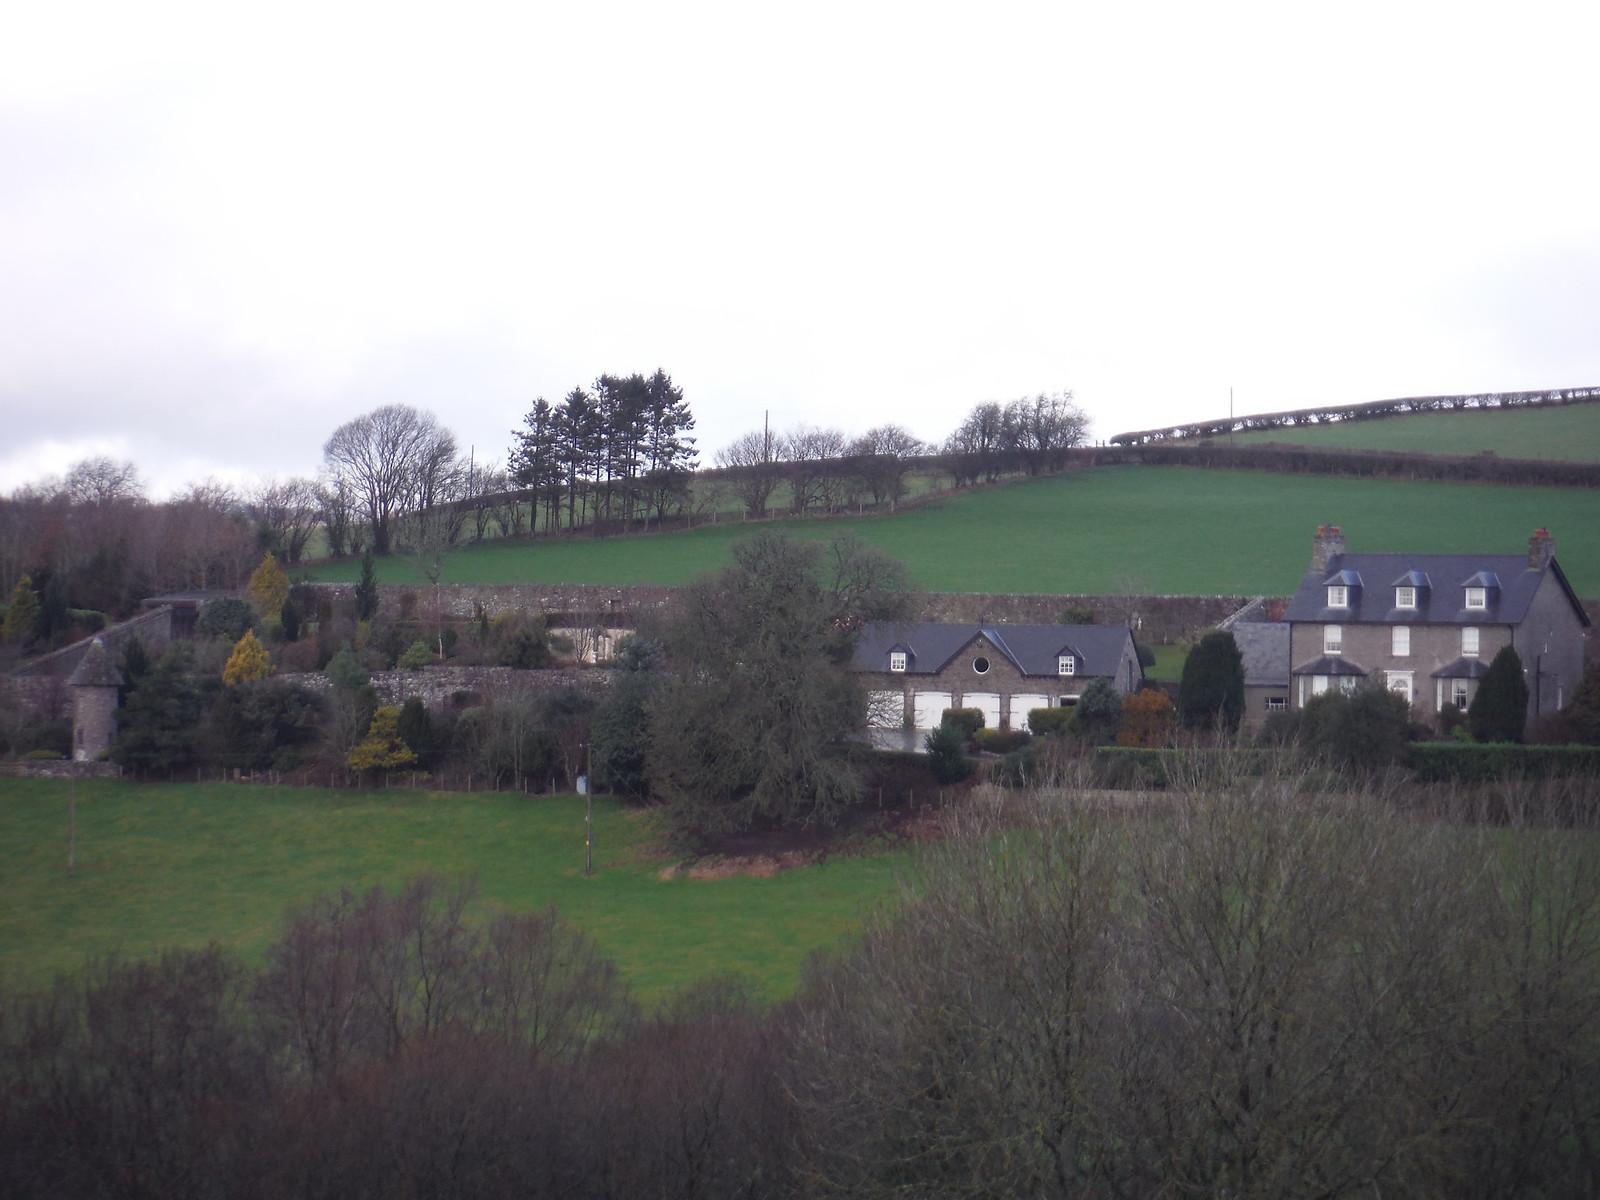 Walled Garden, Battle End Farm SWC Walk 306 - Brecon Circular (via Y Gaer, Battle and Pen-y-crug)